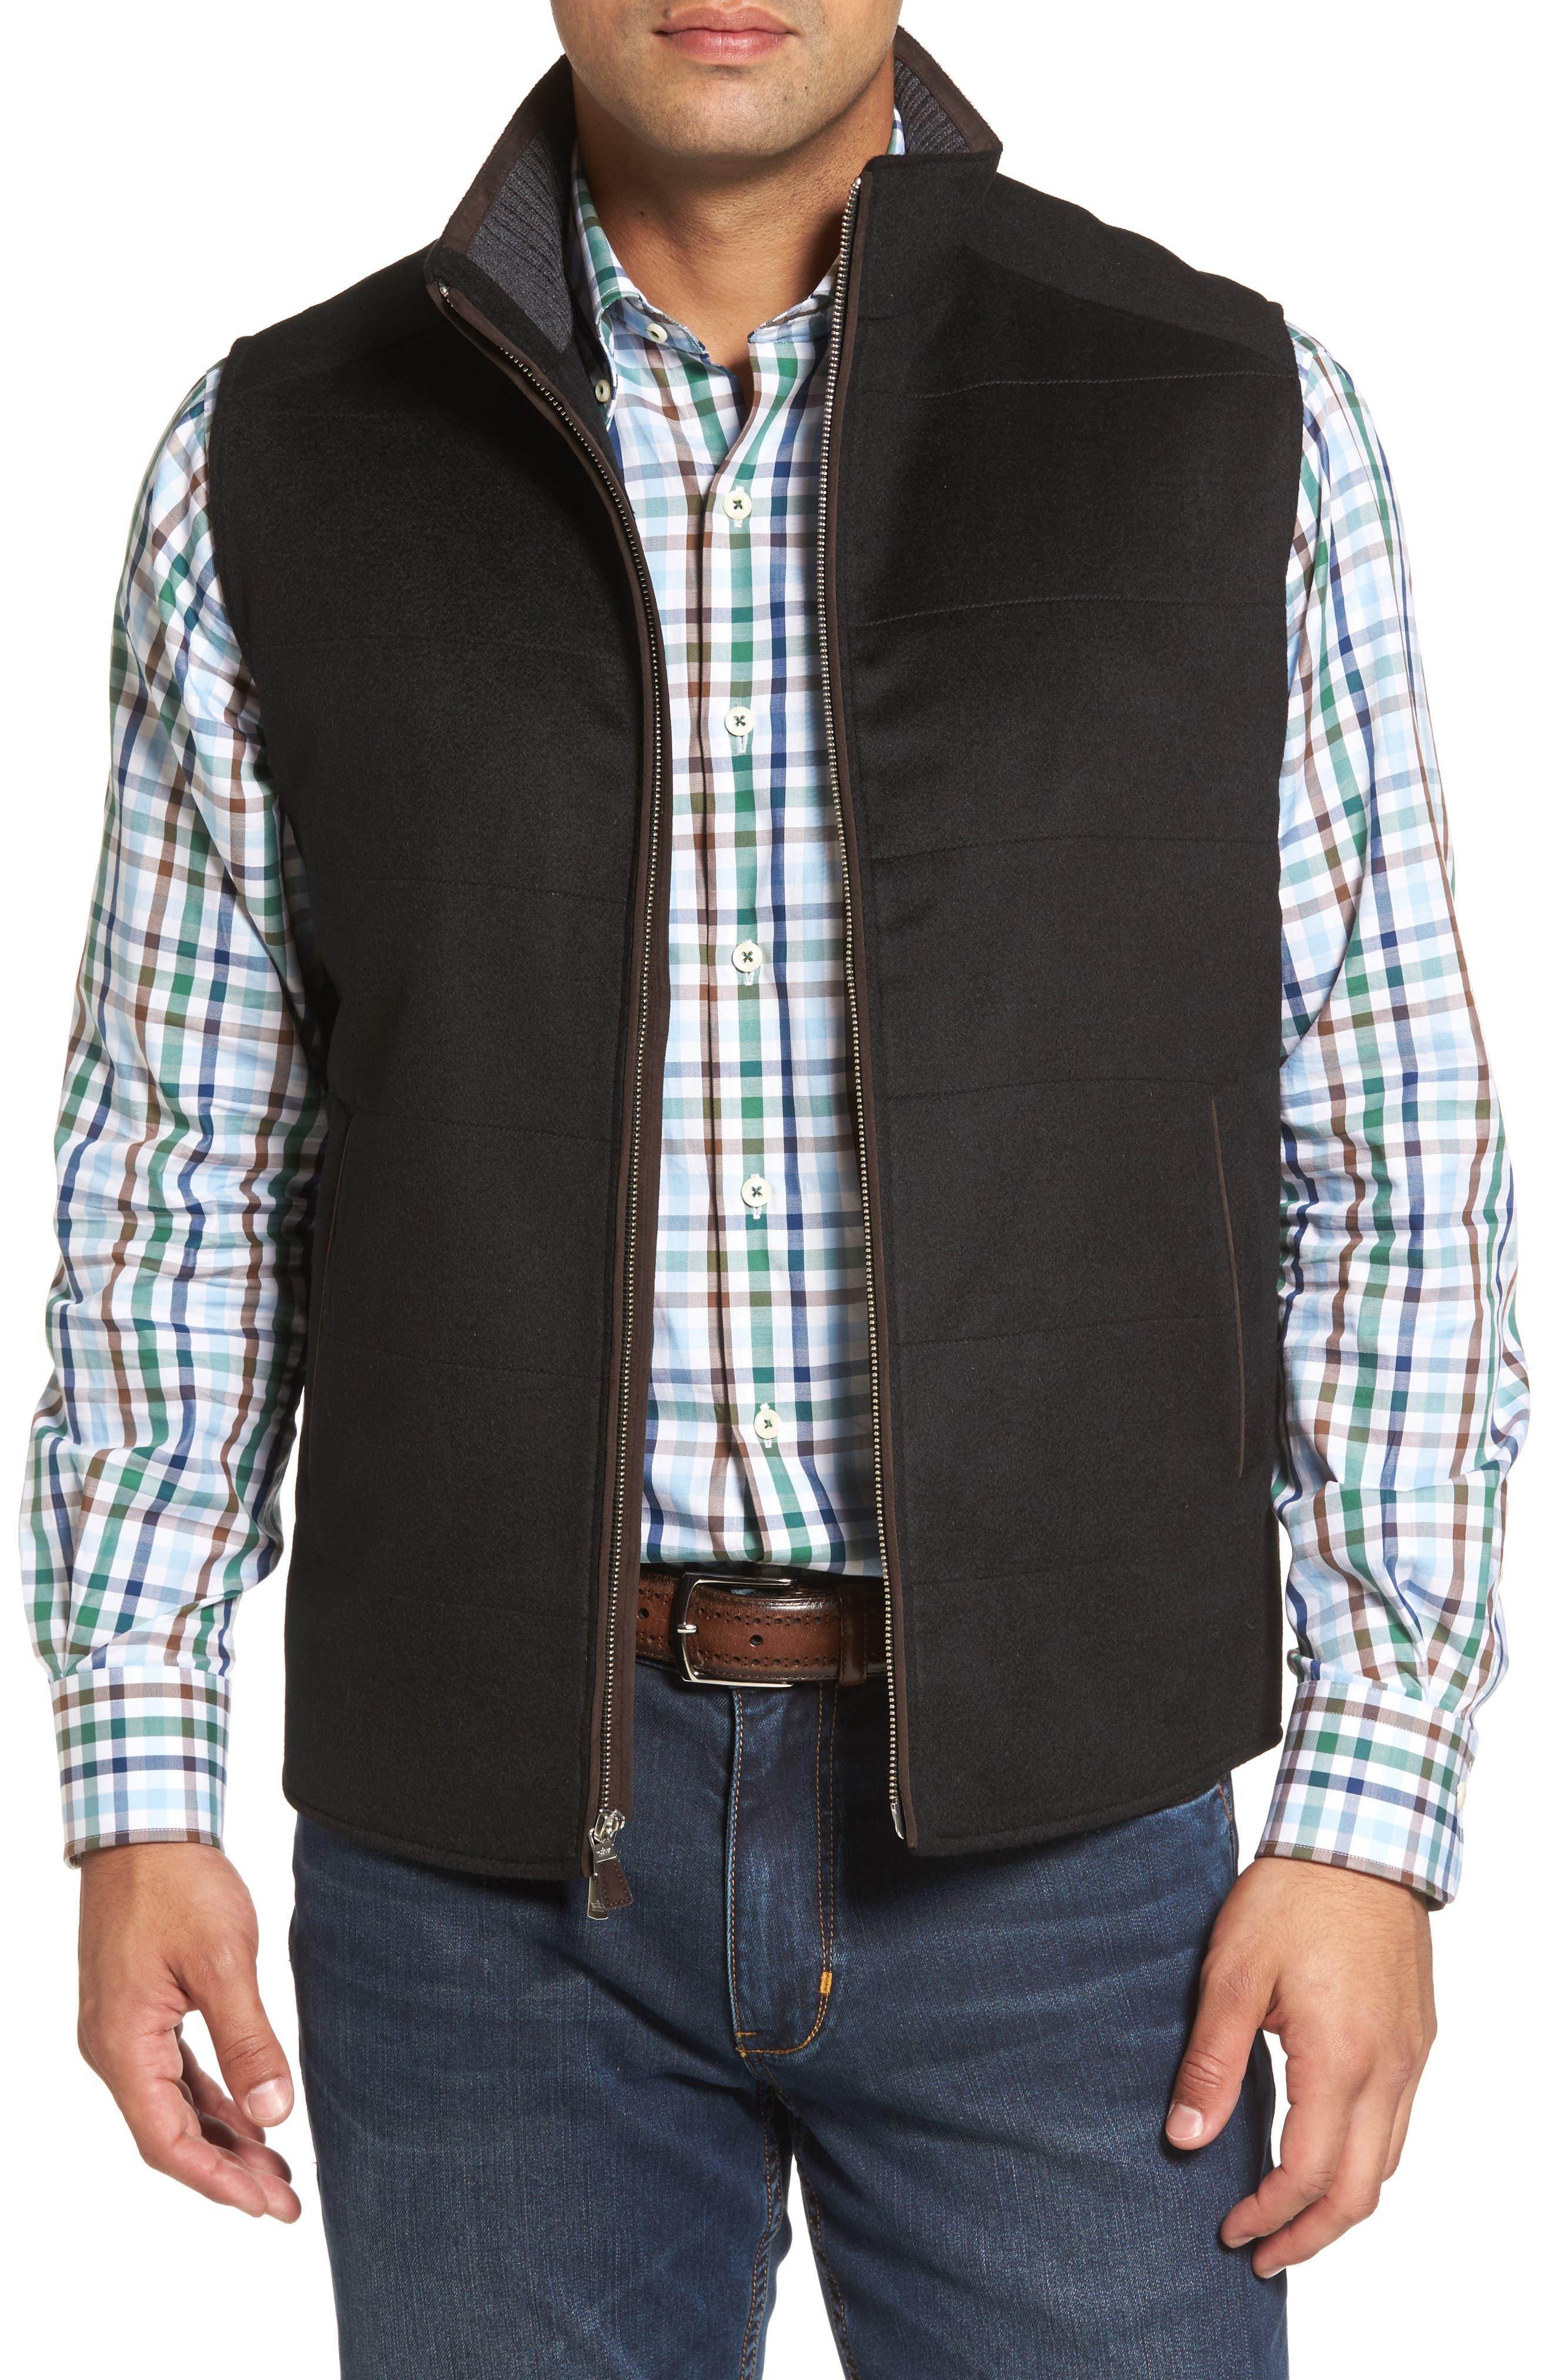 Crown Darien Wool & Cashmere Vest,                             Main thumbnail 1, color,                             001